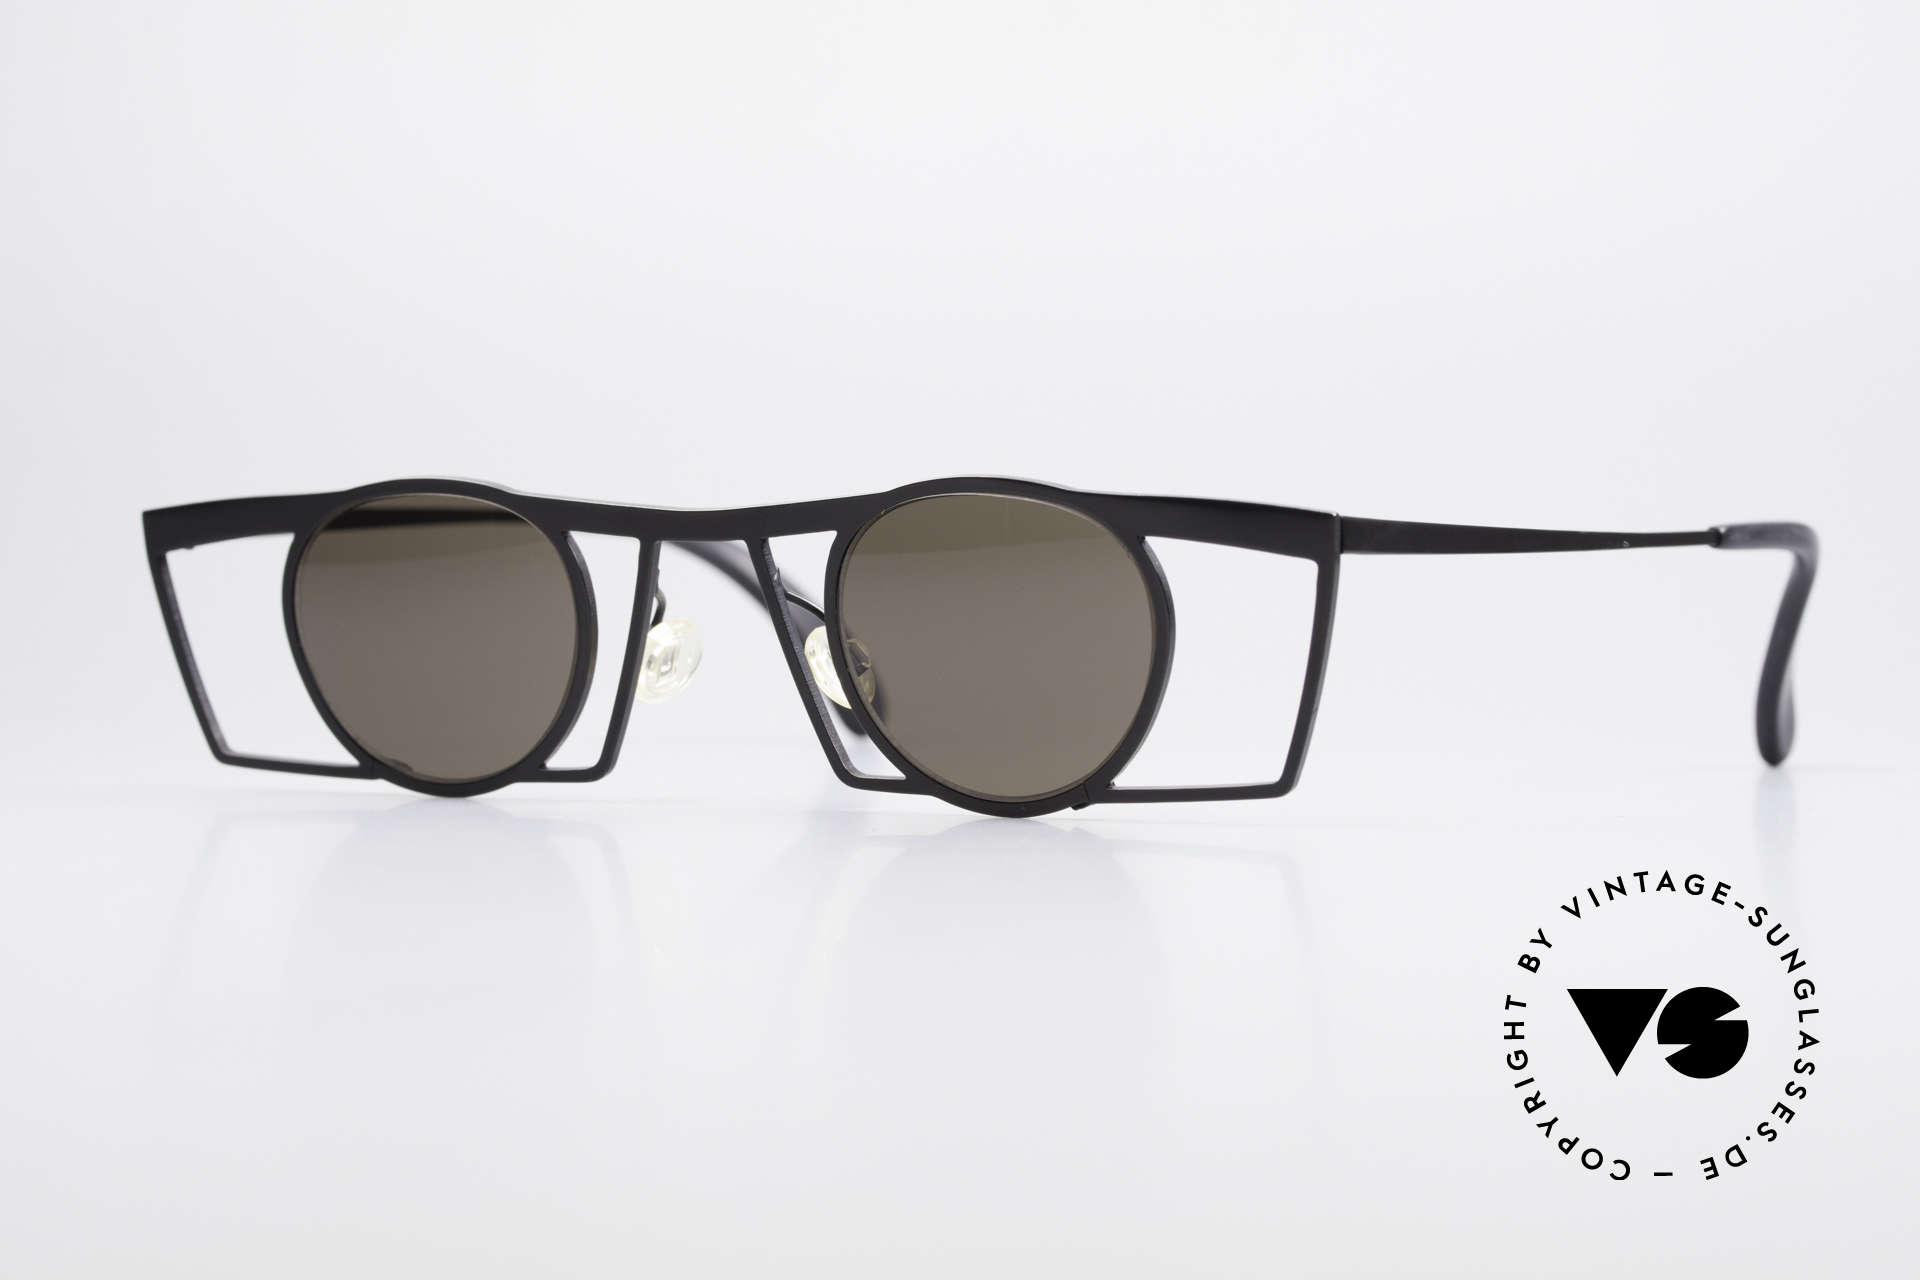 Theo Belgium Jupiter Eckige Designer Sonnenbrille, Theo Belgium: die eigenwilligste Brillenmarke, weltweit, Passend für Herren und Damen